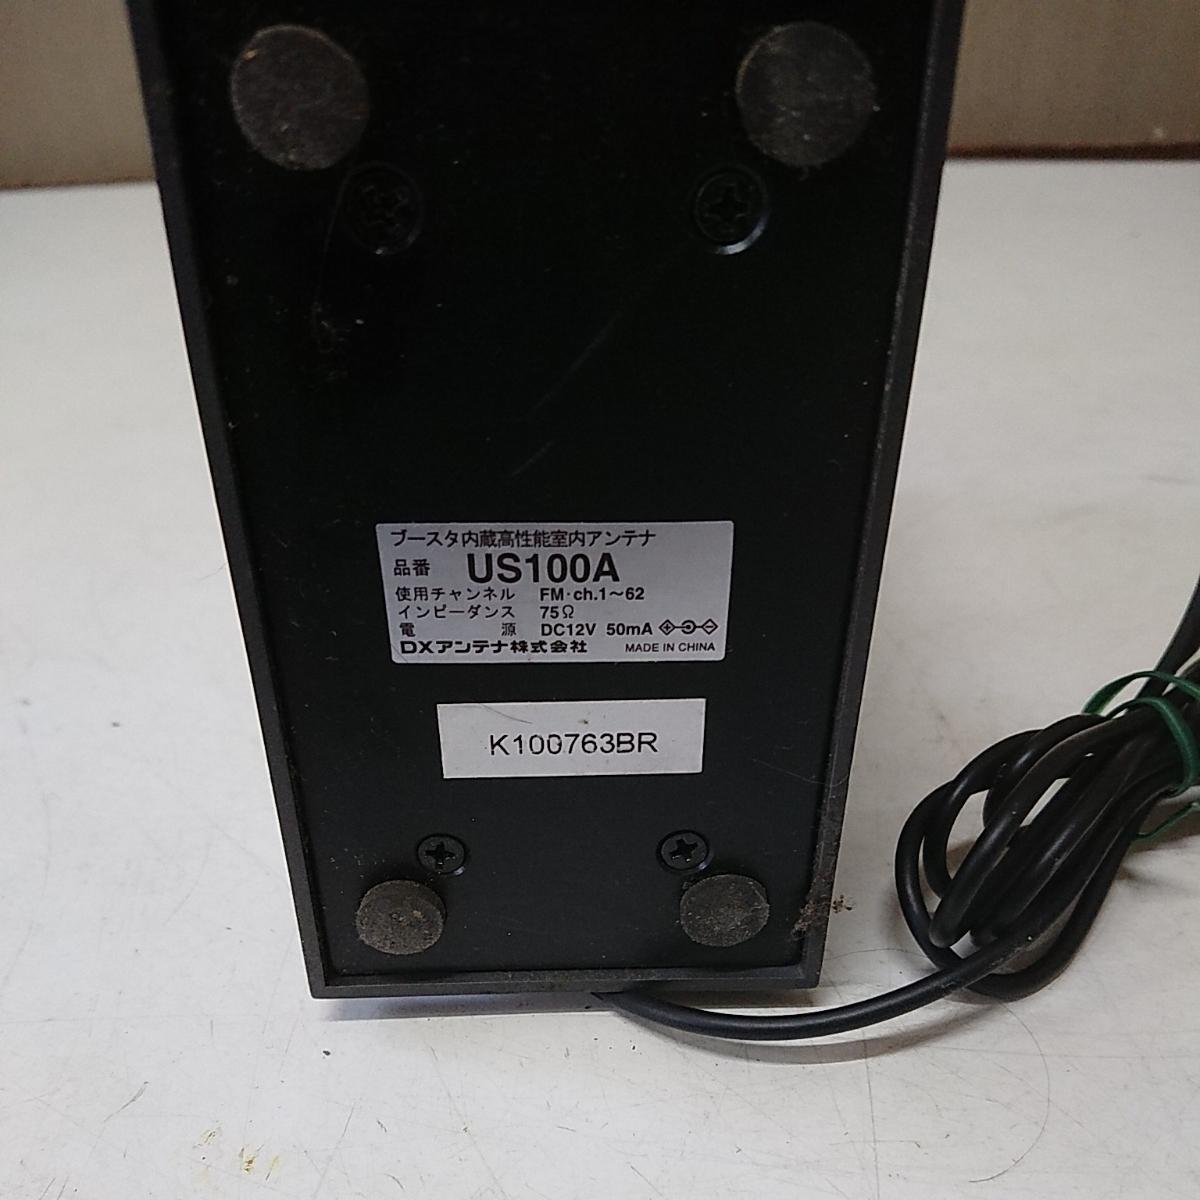 612-25 DXアンテナ 室内アンテナ US100A/ACアダプター 中古_画像4